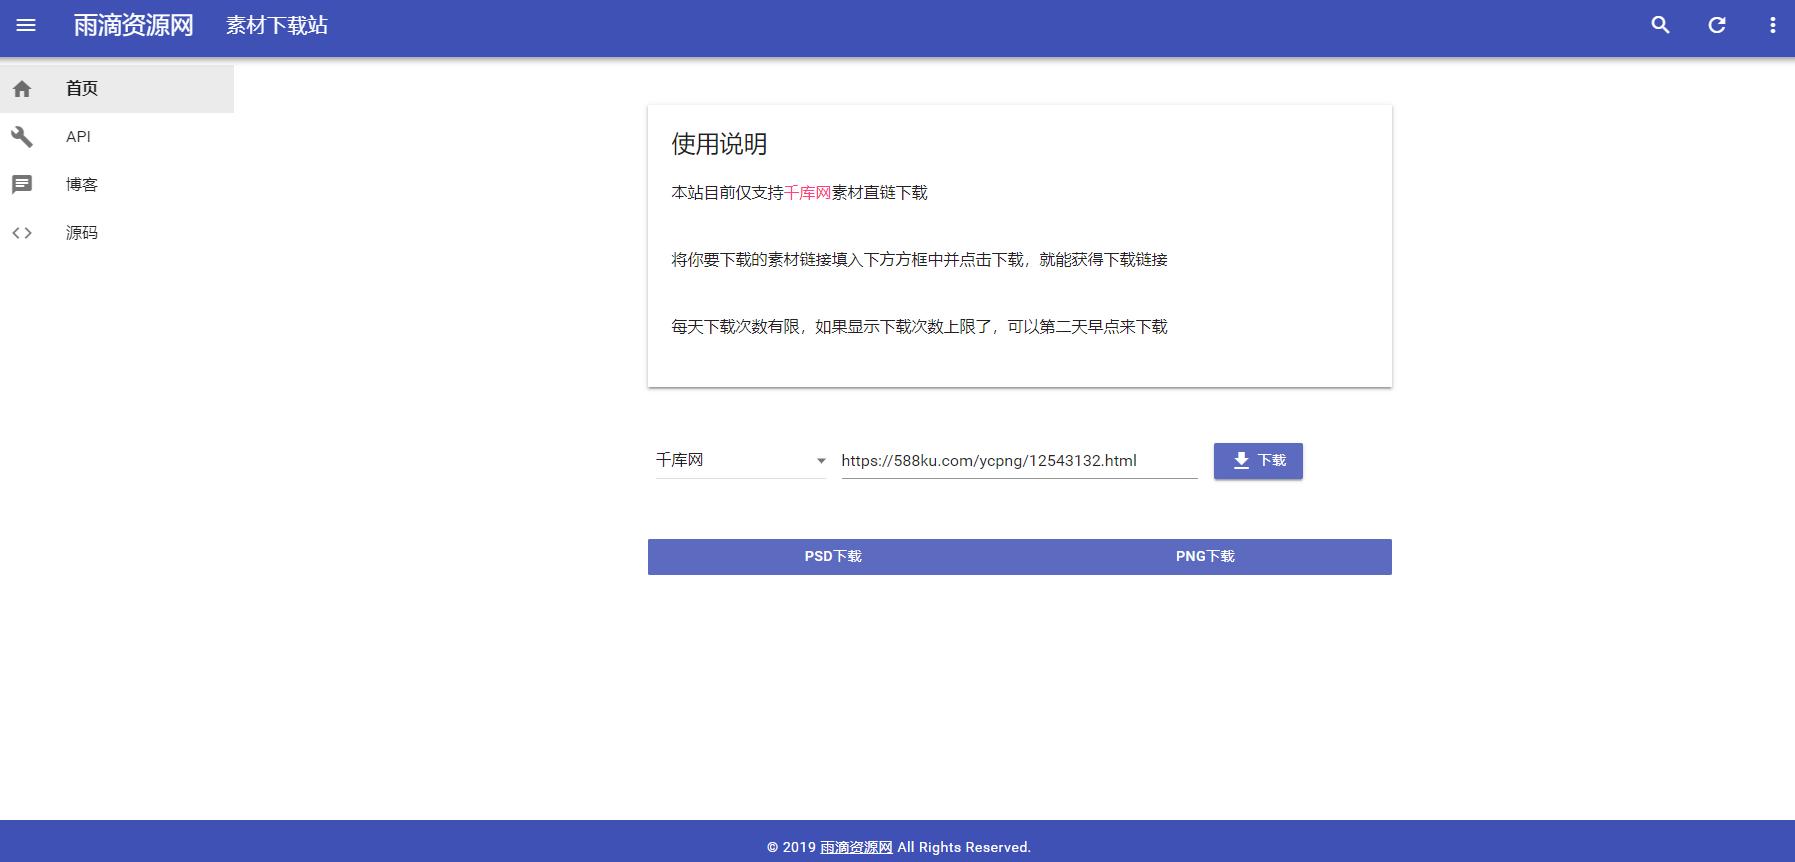 【网站源码】千库下载秒解析html源码